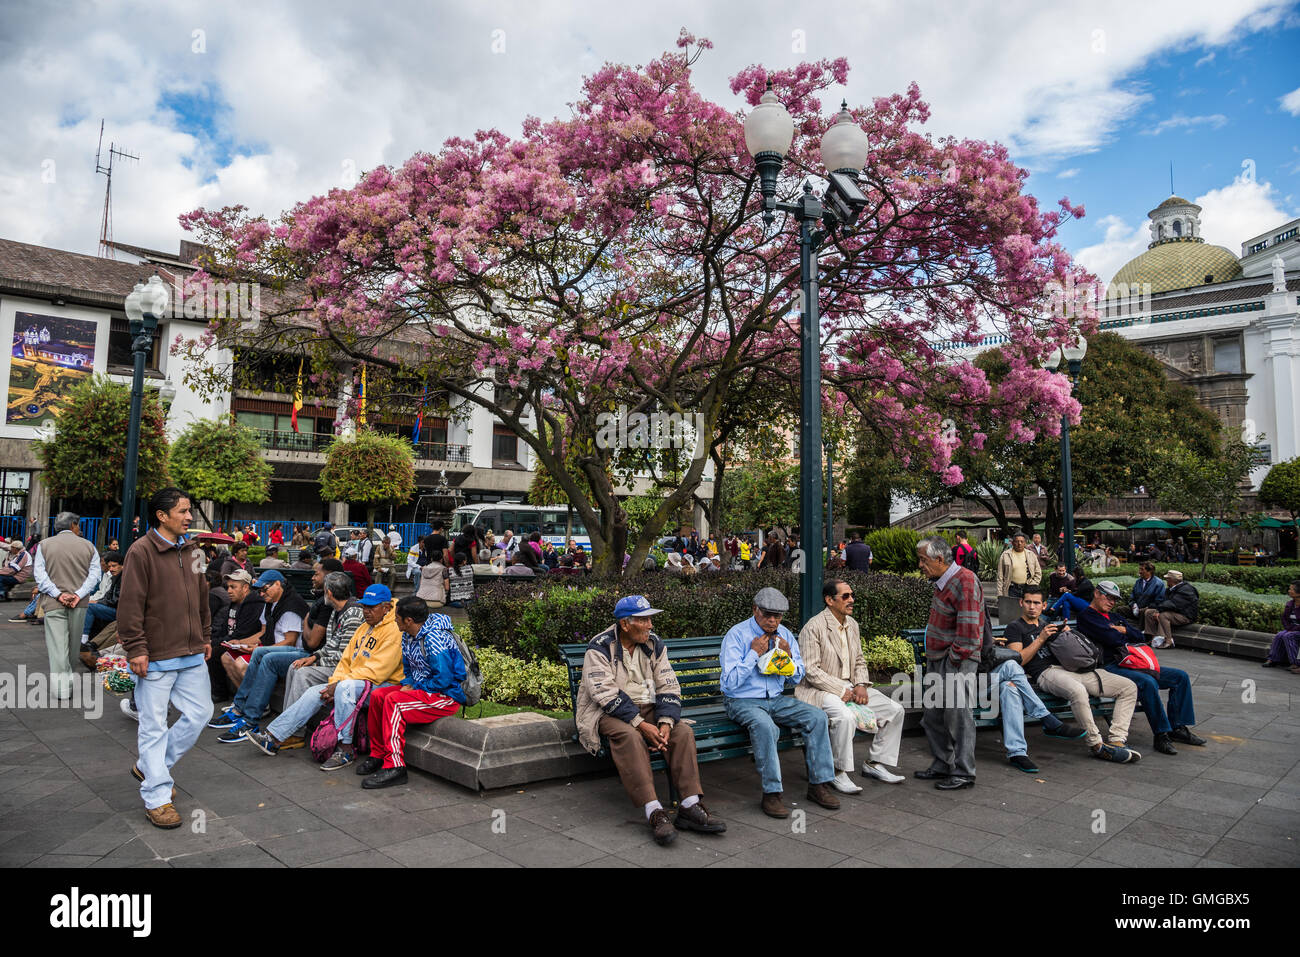 Persone di tutte le età la raccolta presso Independence Square nella città vecchia di Quito, Ecuador. Immagini Stock